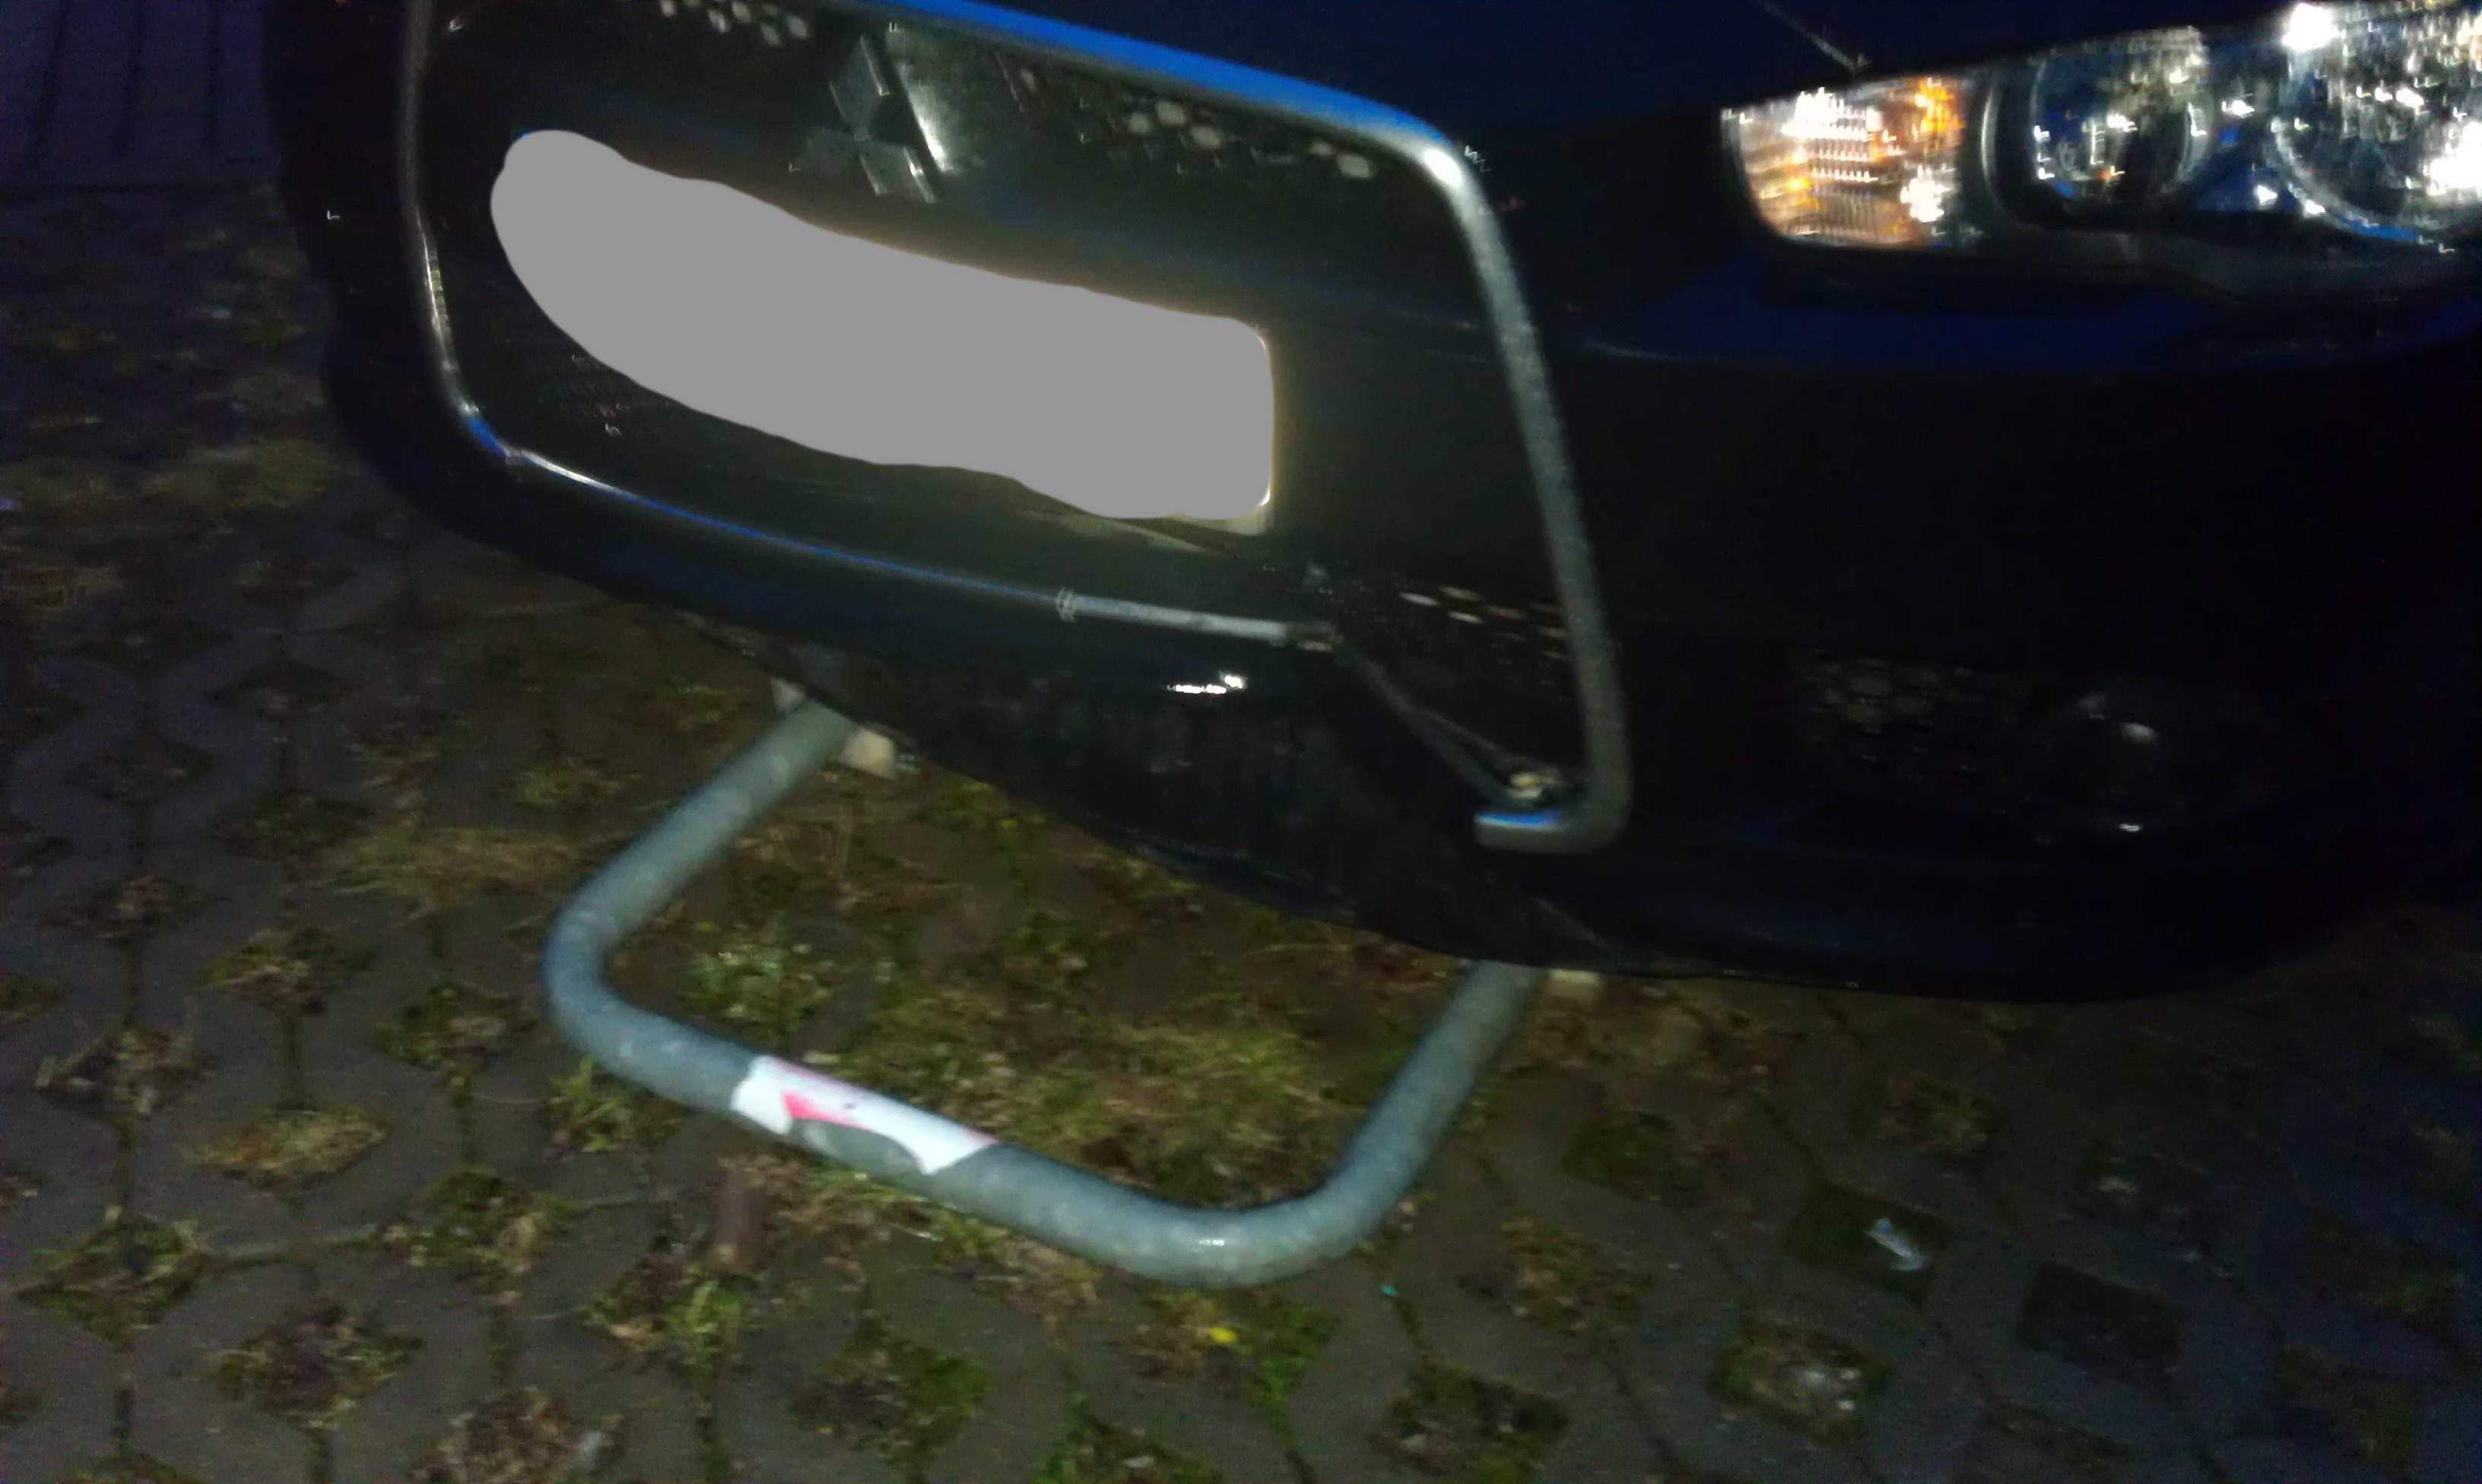 riesen delle  vordere stossstange des auto reingefahren